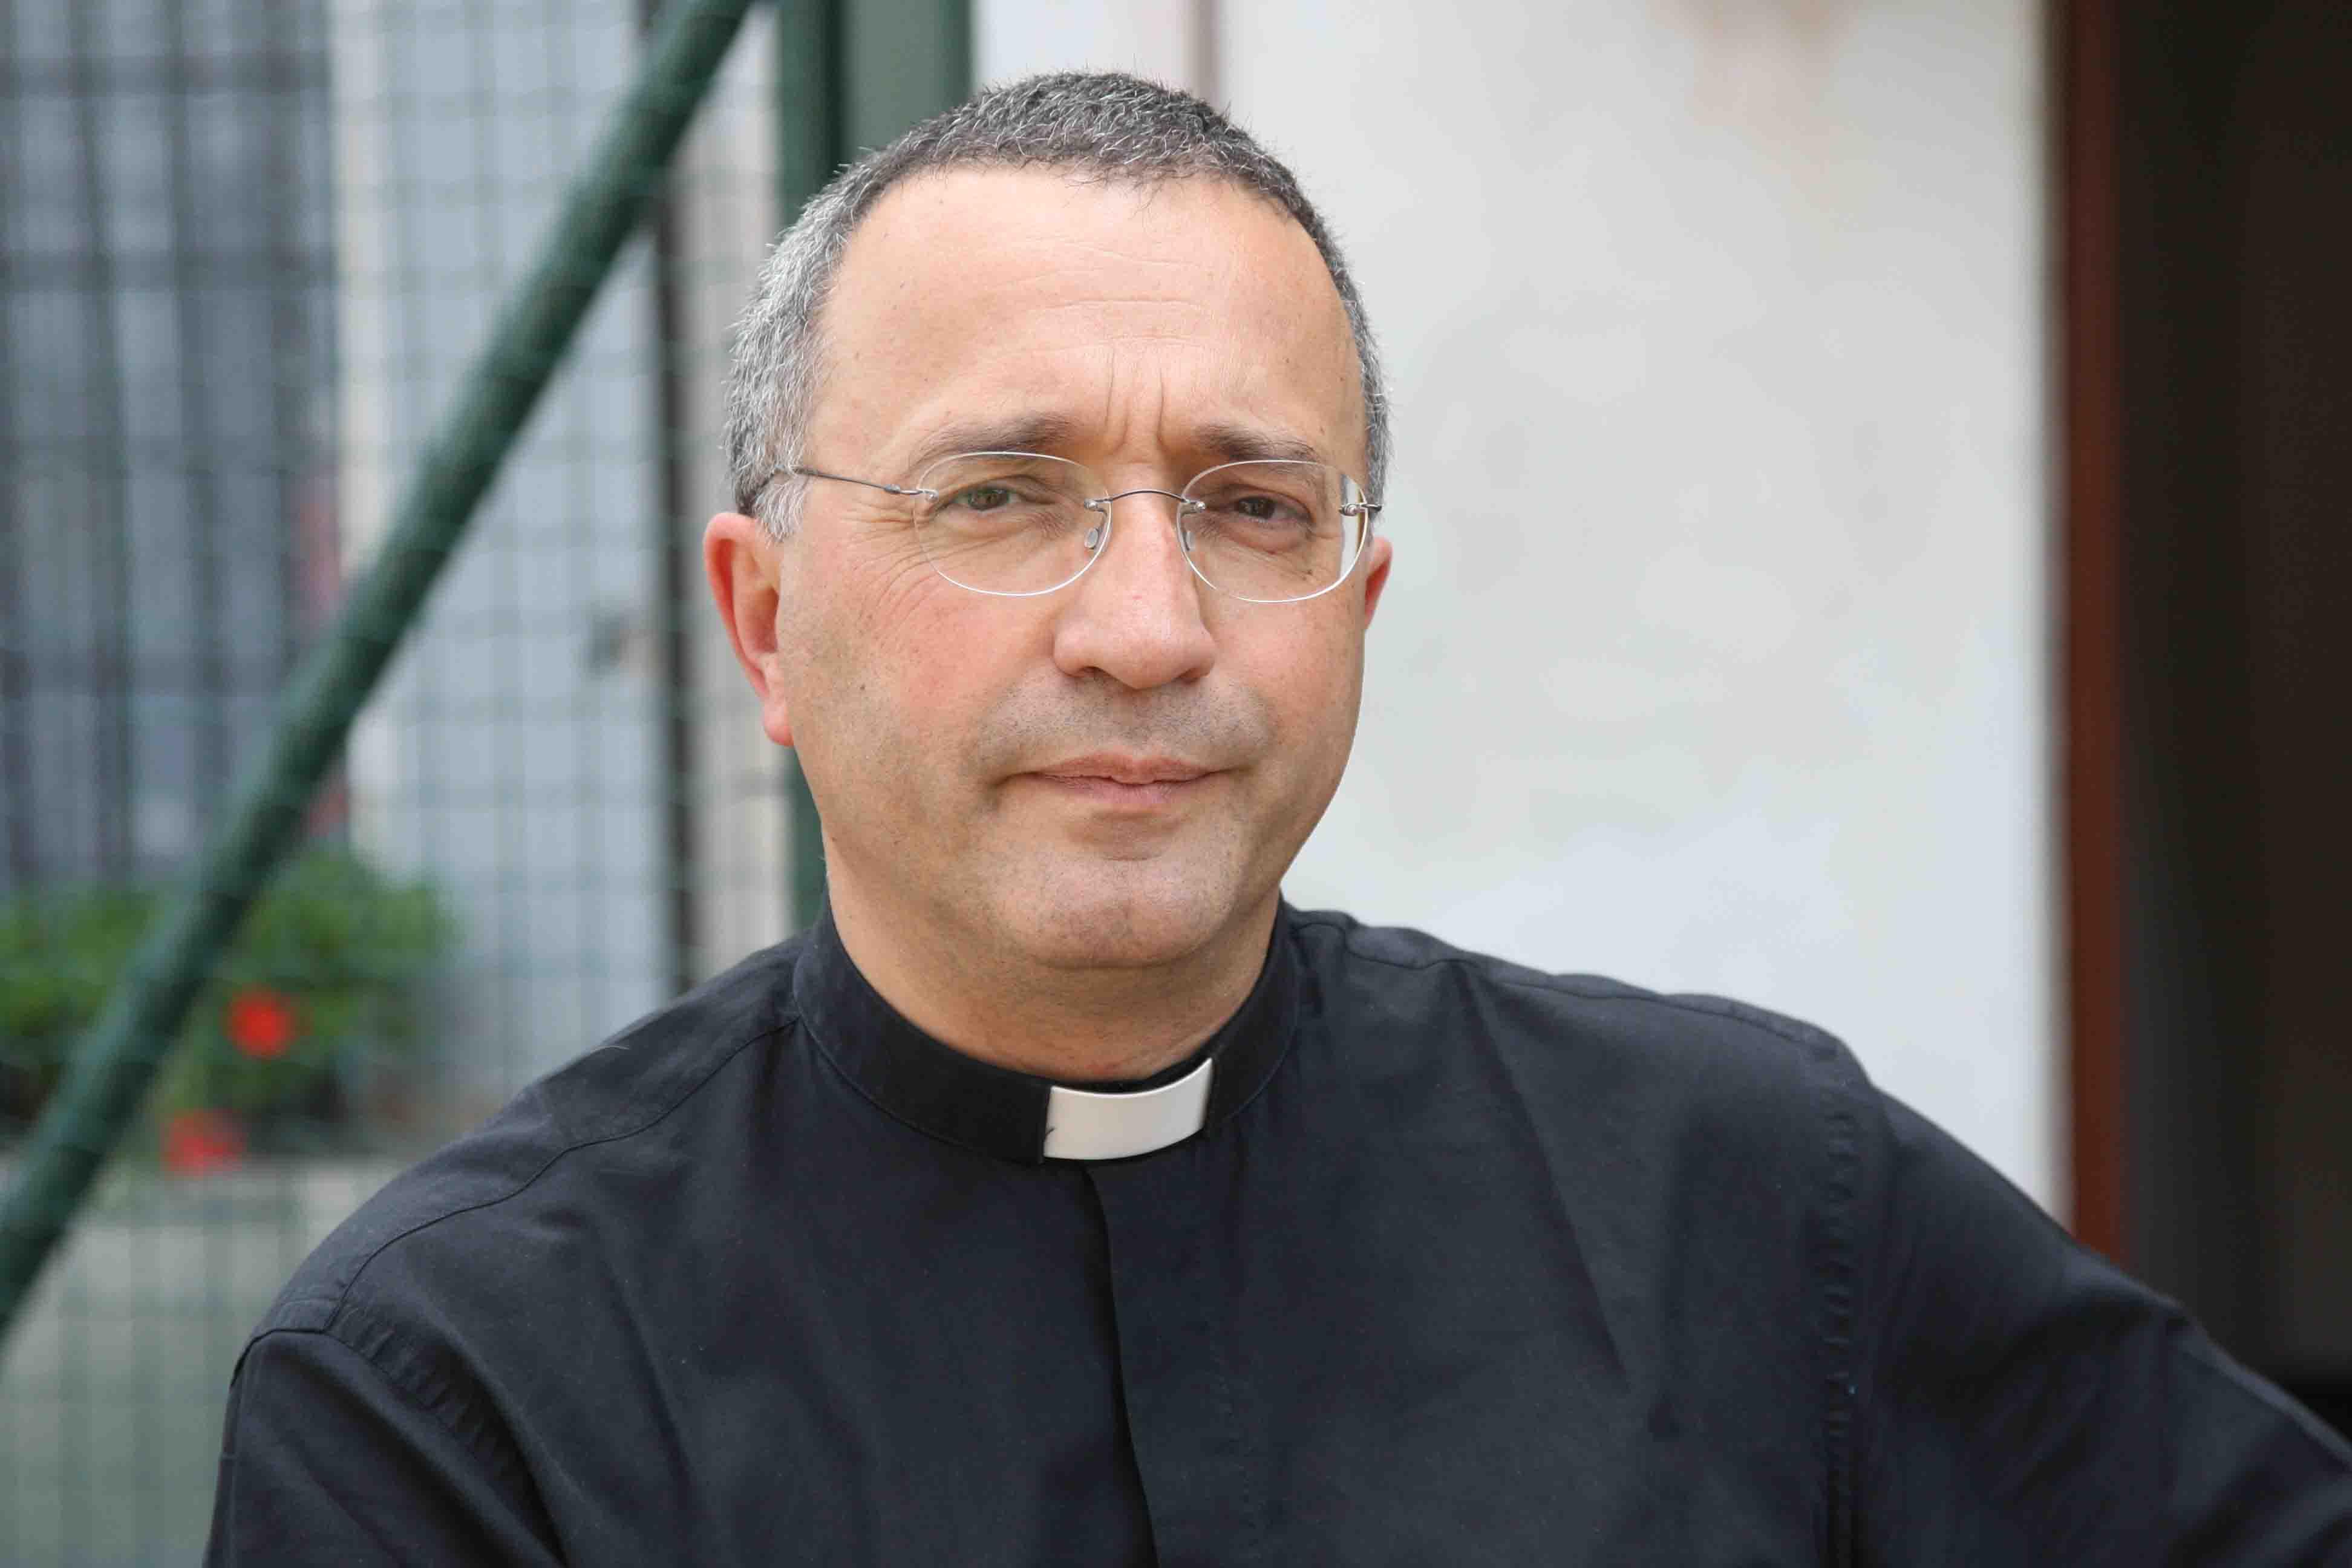 """Photo of """"Se incontro i rapper li picchio"""": dichiarazione shock di un sacerdote [AUDIO]"""